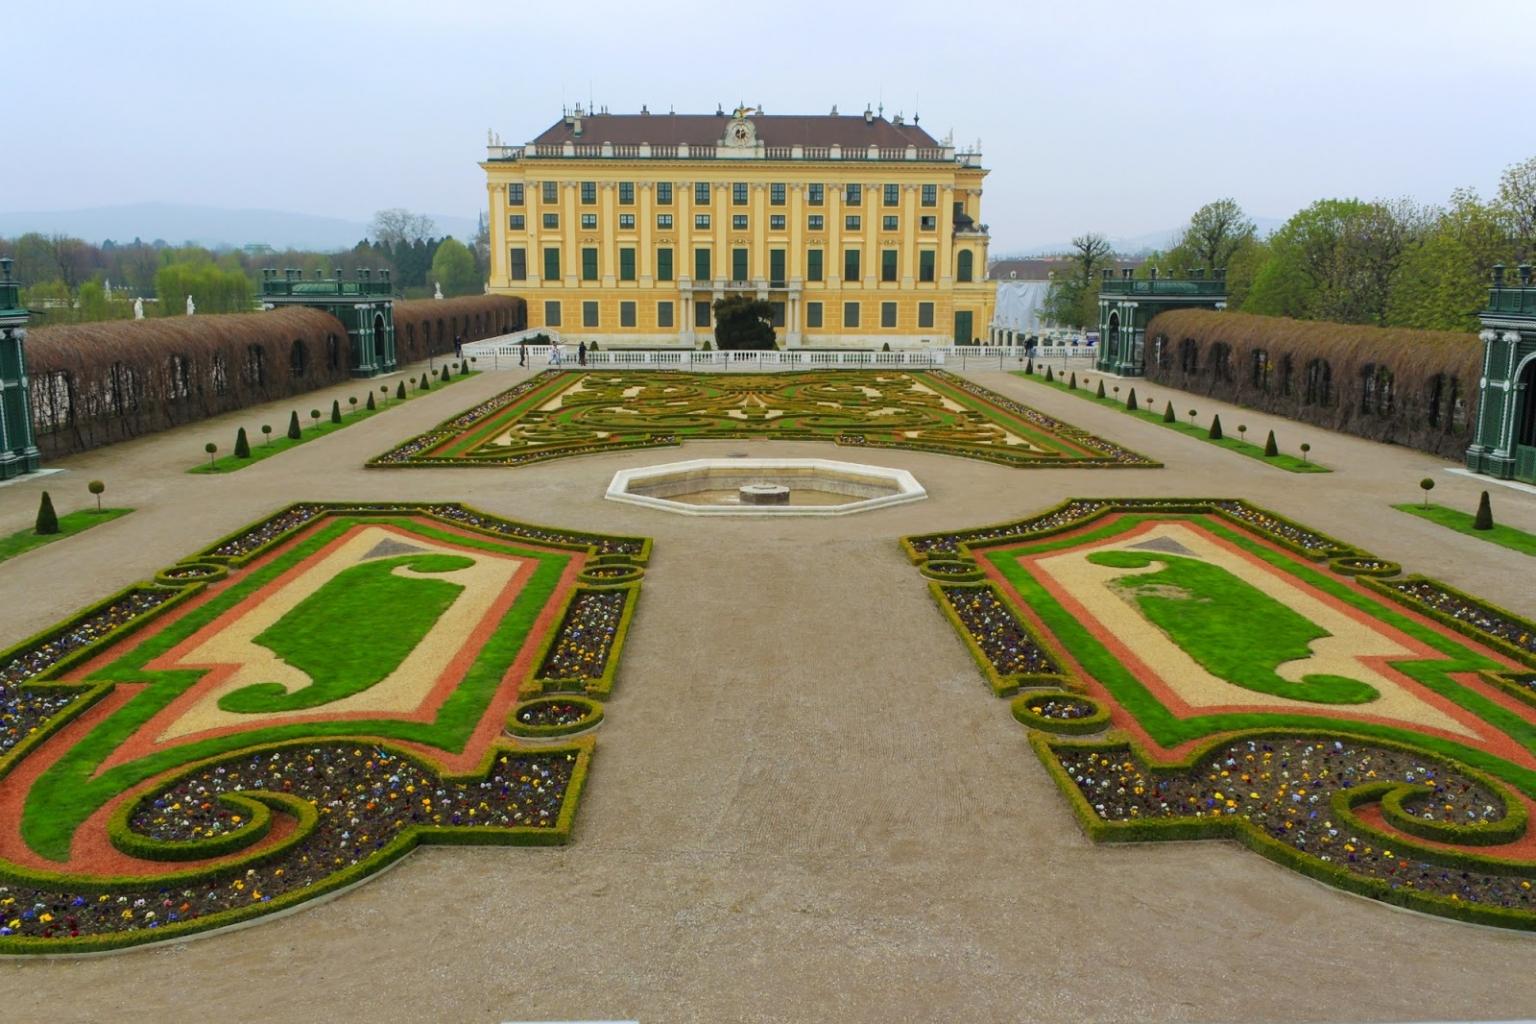 Der elegant gepflegte Garten in Schönbrunn